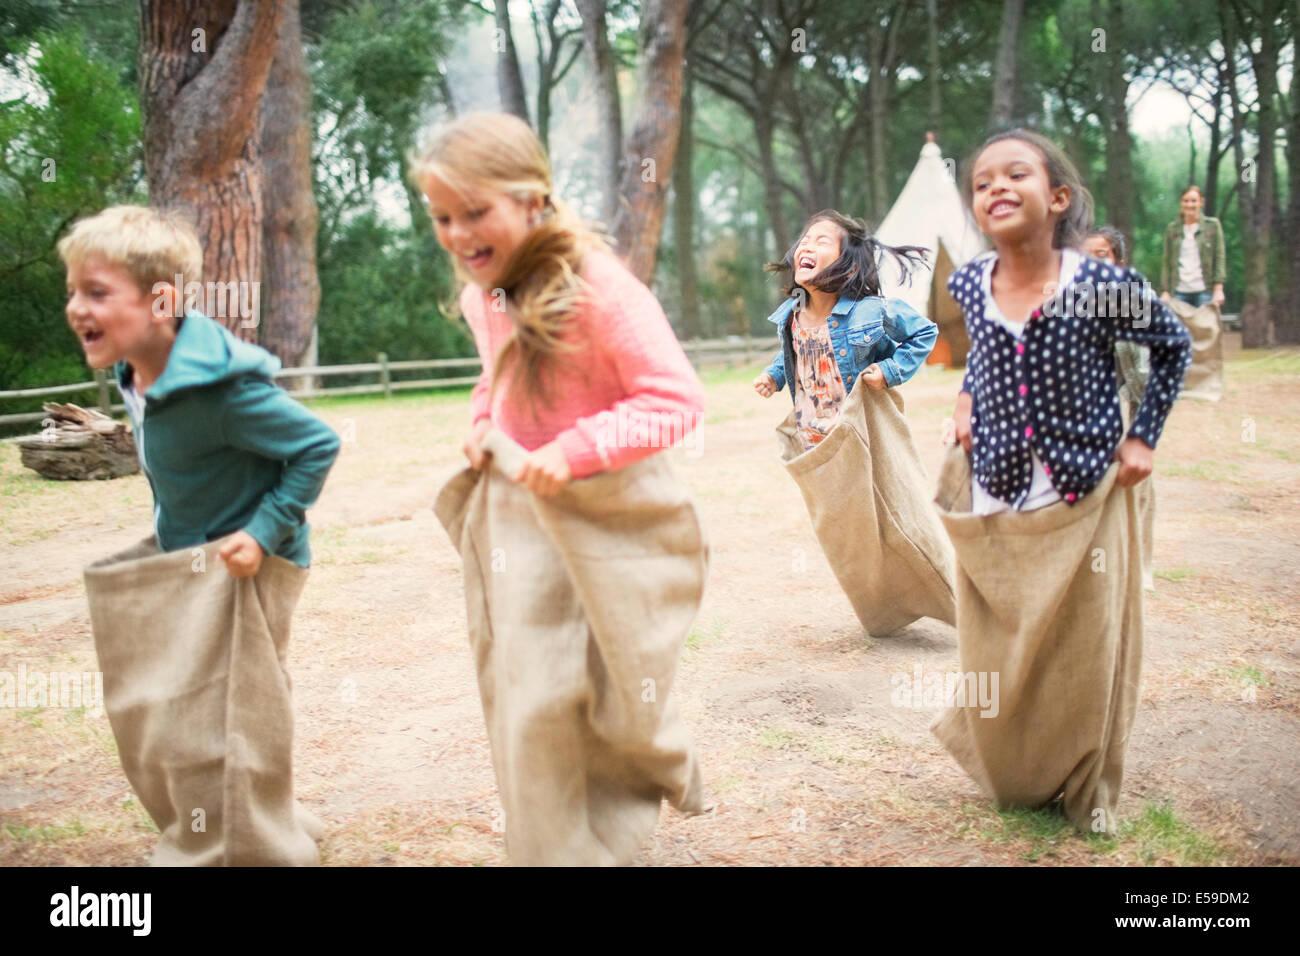 Niños con carrera de sacos en el campo Imagen De Stock